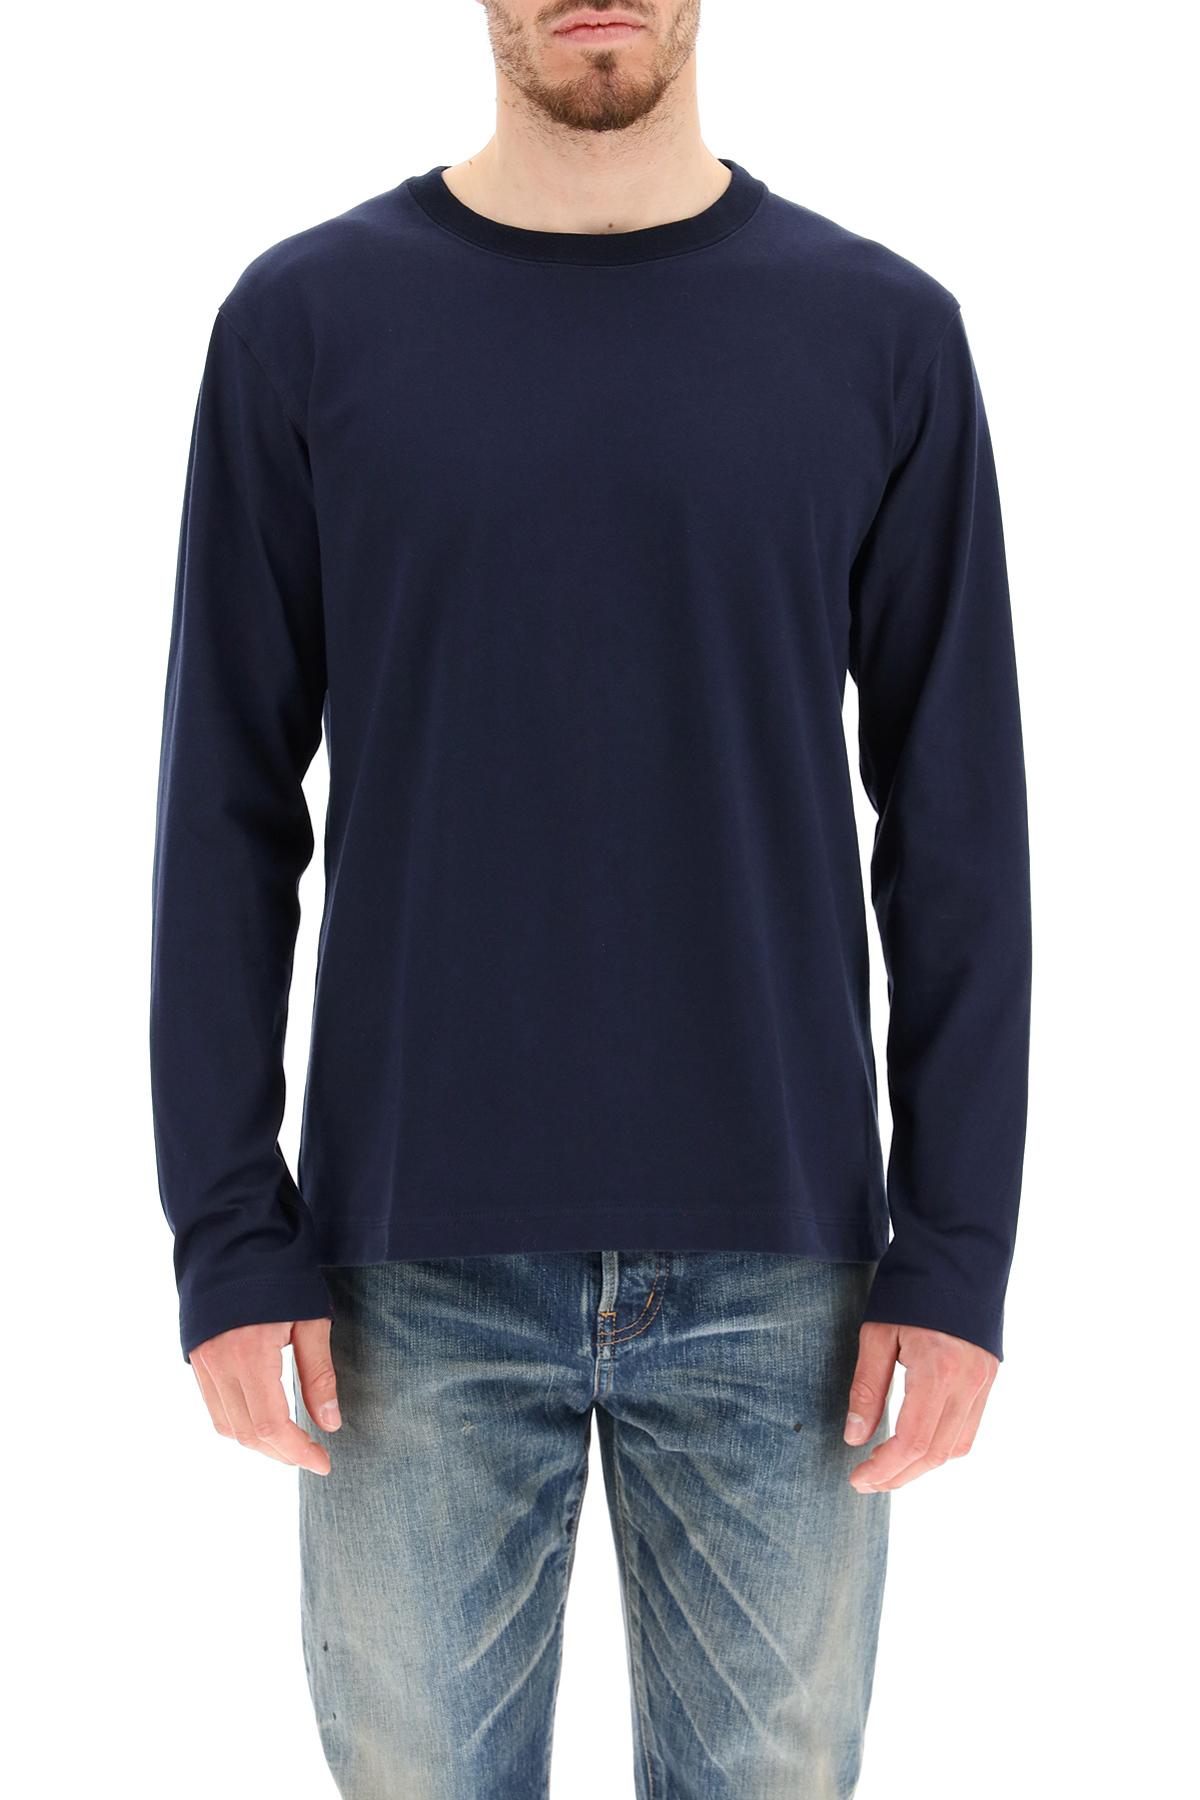 Junya watanabe t-shirt manica lunga